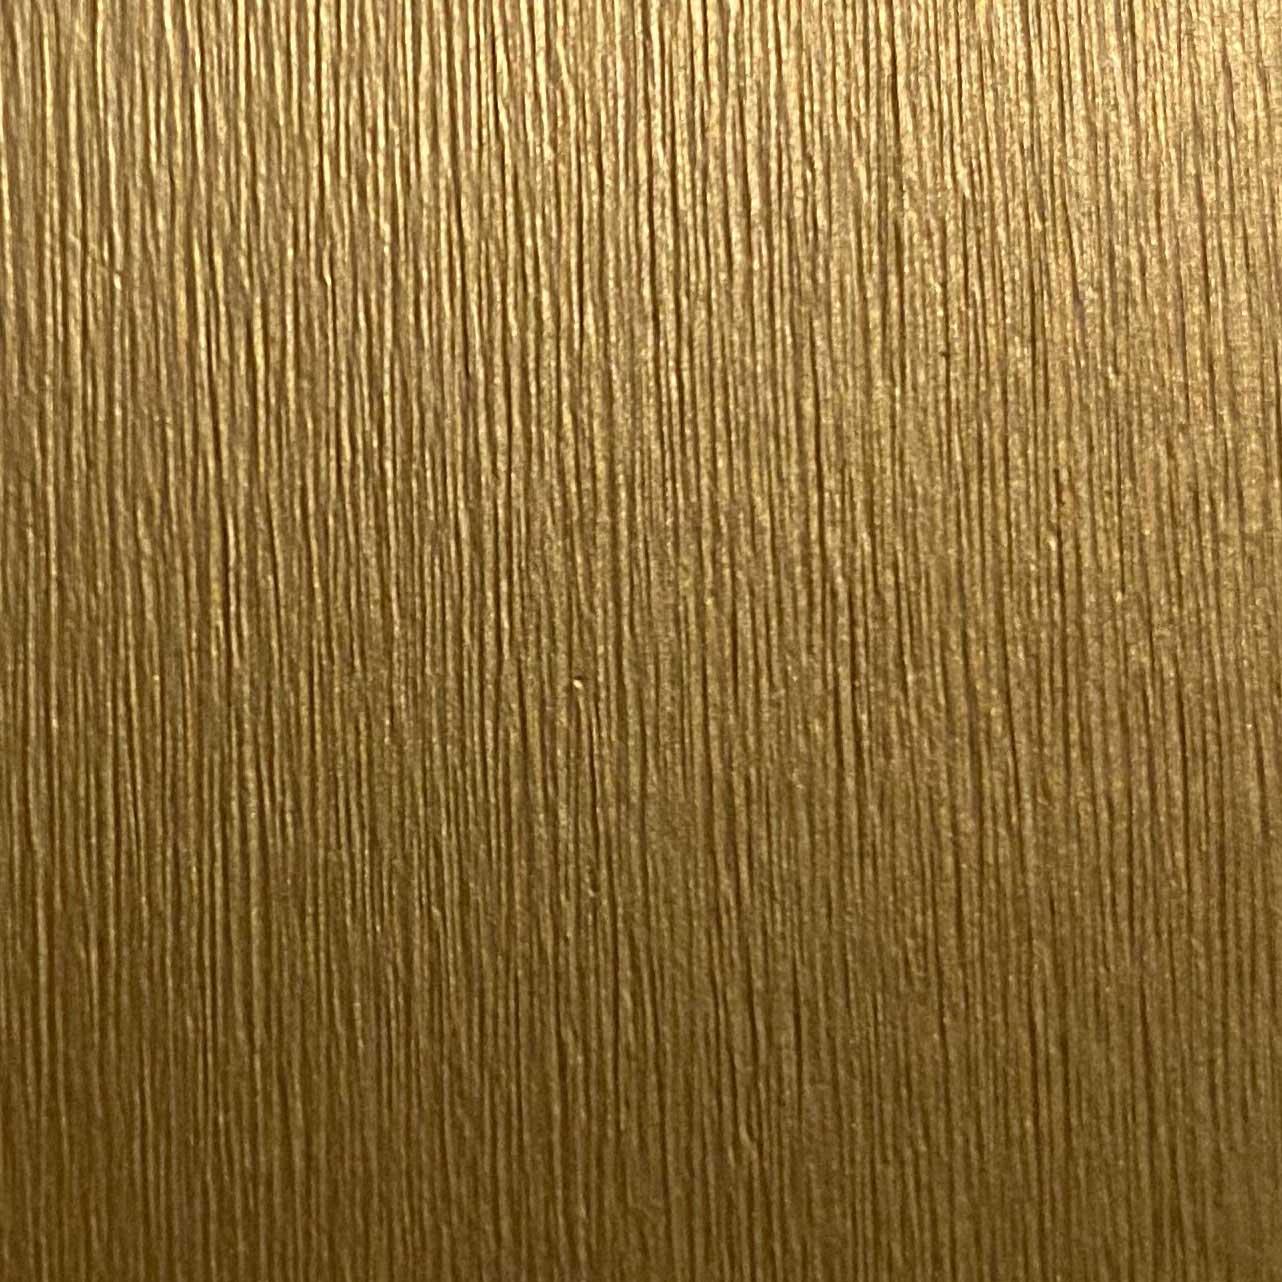 NE47 Soft Brushed Gold